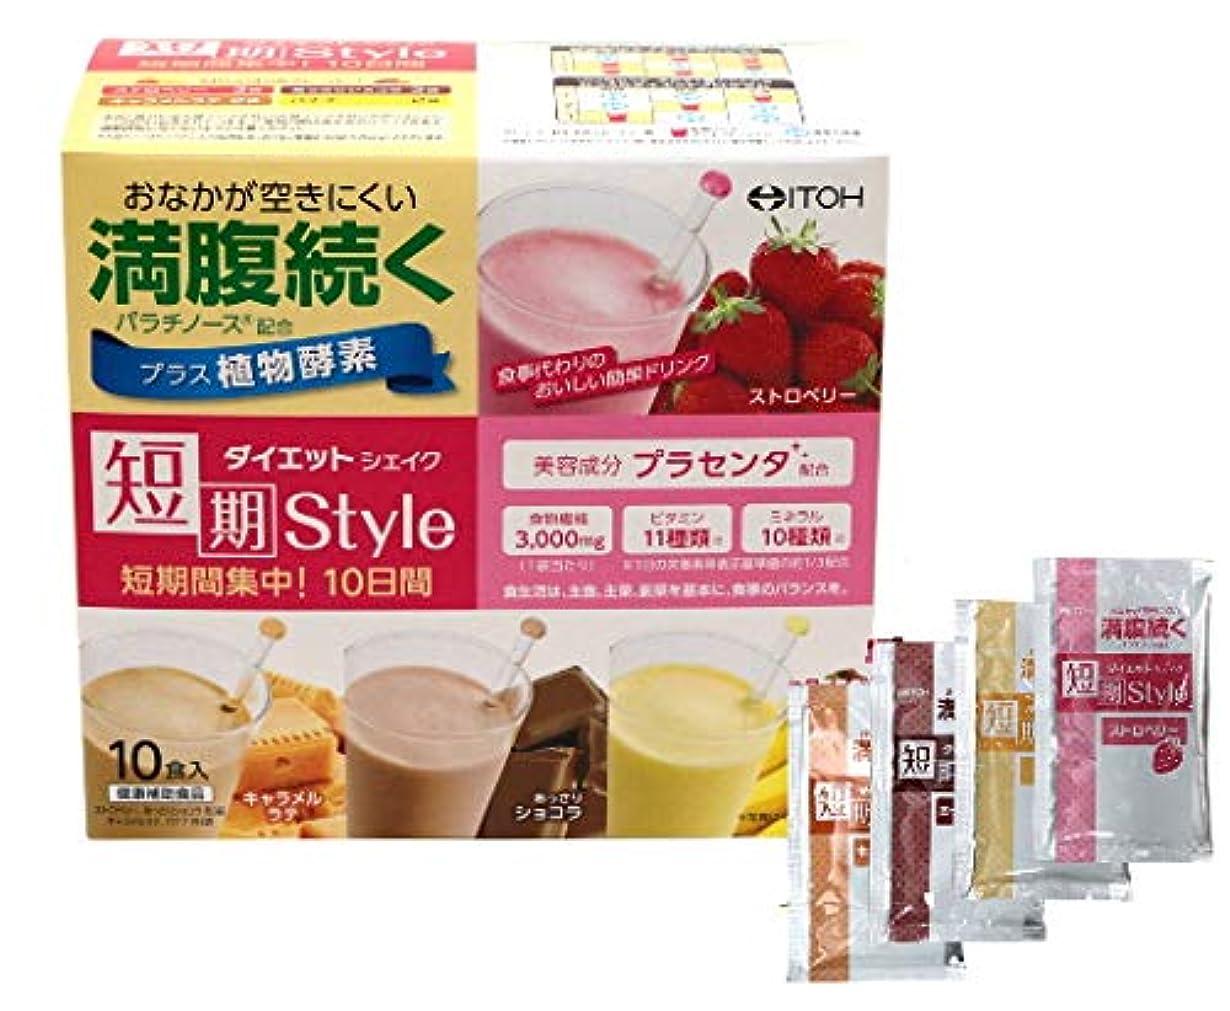 移植正気周り井藤漢方 短期スタイル ダイエットシェイク(25g×10袋)2個セット